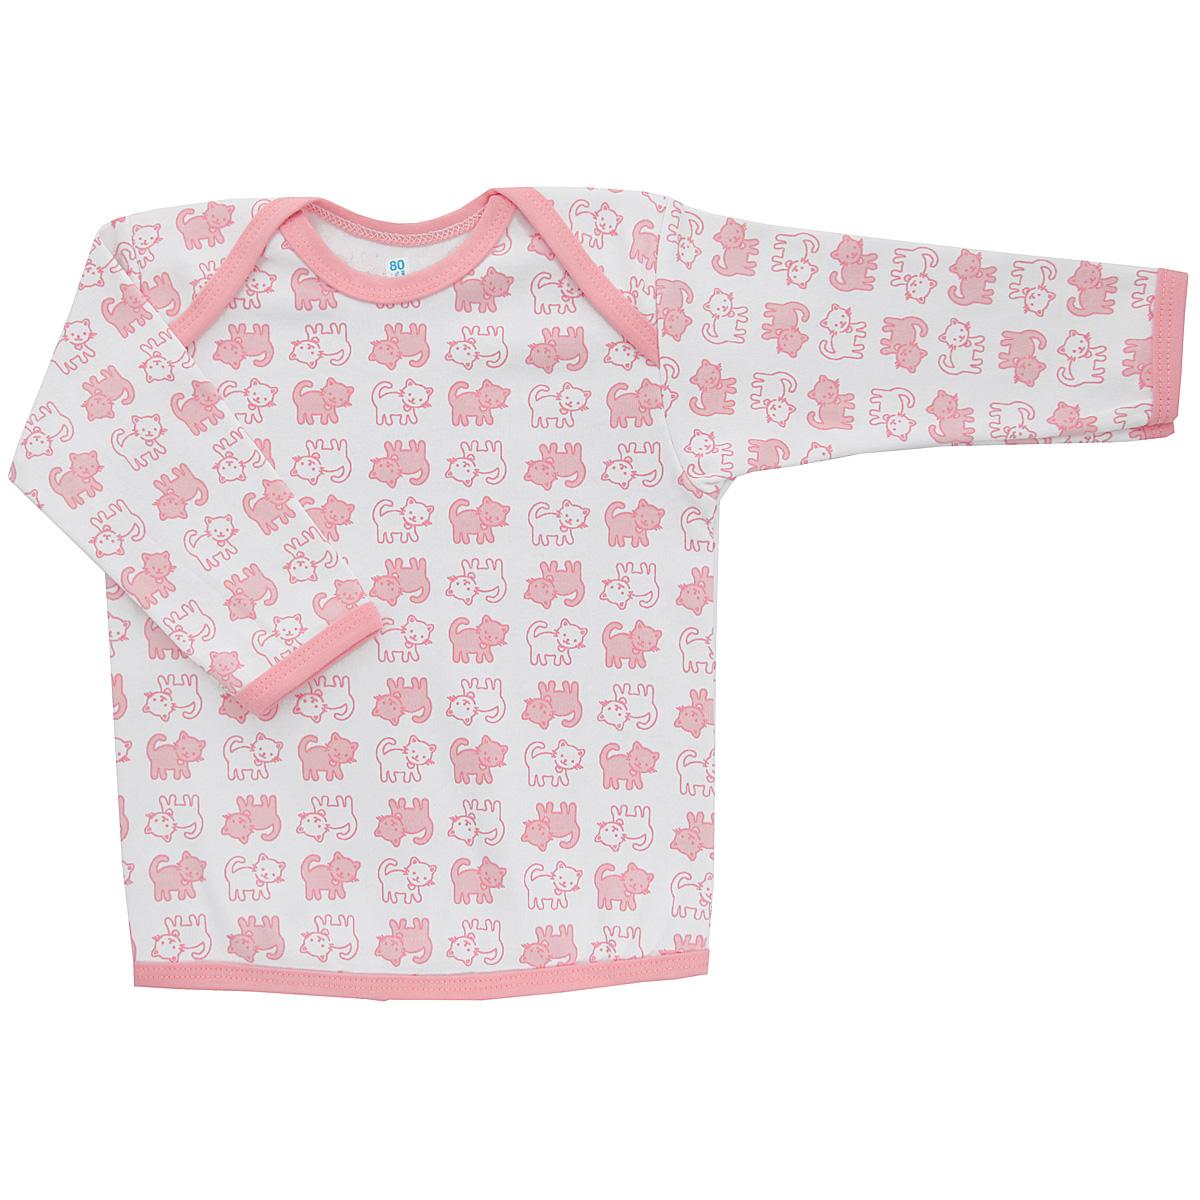 Футболка с длинным рукавом детская Трон-плюс, цвет: белый, розовый. 5611_котенок. Размер 68, 6 месяцев5611_котенокУдобная детская футболка Трон-плюс с длинными рукавами послужит идеальным дополнением к гардеробу вашего ребенка, обеспечивая ему наибольший комфорт. Изготовленная из интерлока - натурального хлопка, она необычайно мягкая и легкая, не раздражает нежную кожу ребенка и хорошо вентилируется, а эластичные швы приятны телу ребенка и не препятствуют его движениям. Удобные запахи на плечах помогают легко переодеть младенца. Горловина, низ модели и низ рукавов дополнены трикотажной бейкой. Спинка модели незначительно укорочена. Оформлено изделие принтом с изображениями котенка. Футболка полностью соответствует особенностям жизни ребенка в ранний период, не стесняя и не ограничивая его в движениях.